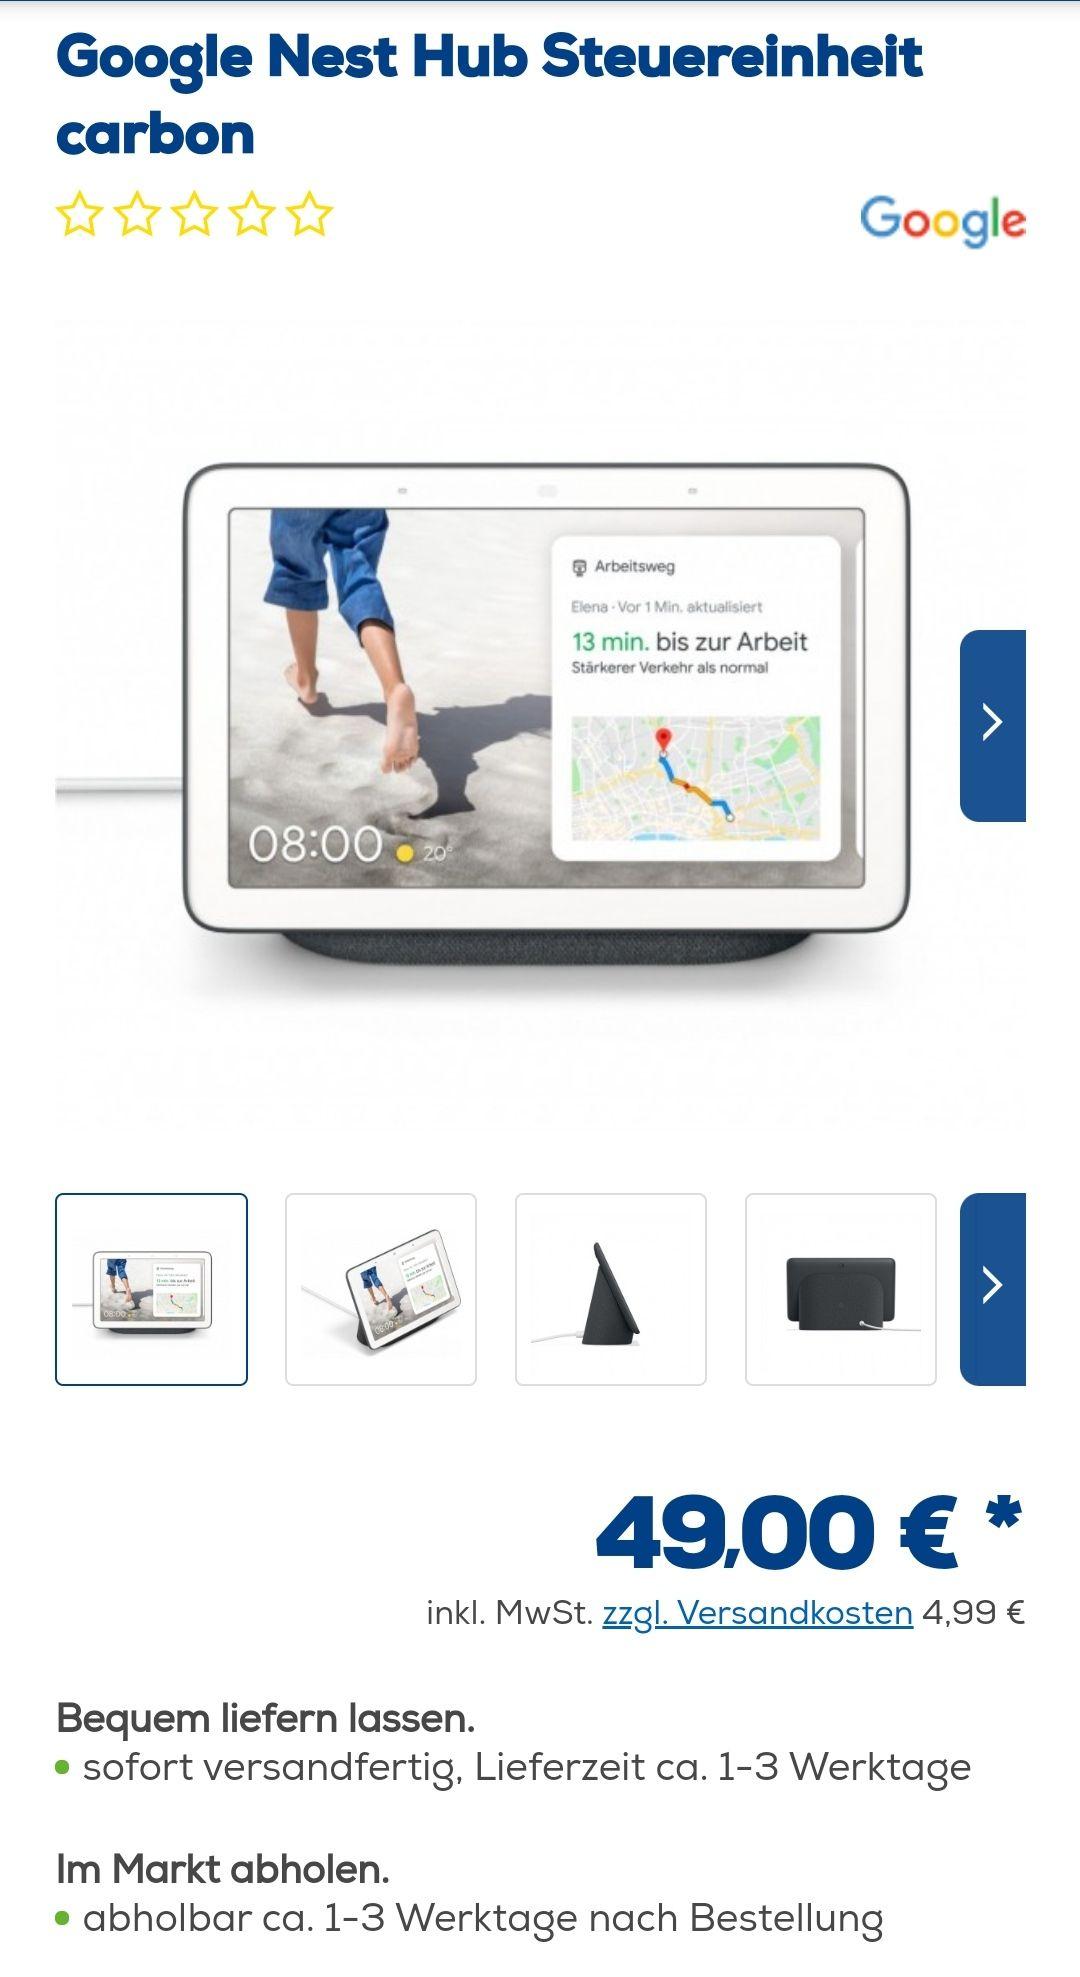 Google Nest Hub - carbon - euronics 53,99 Euro